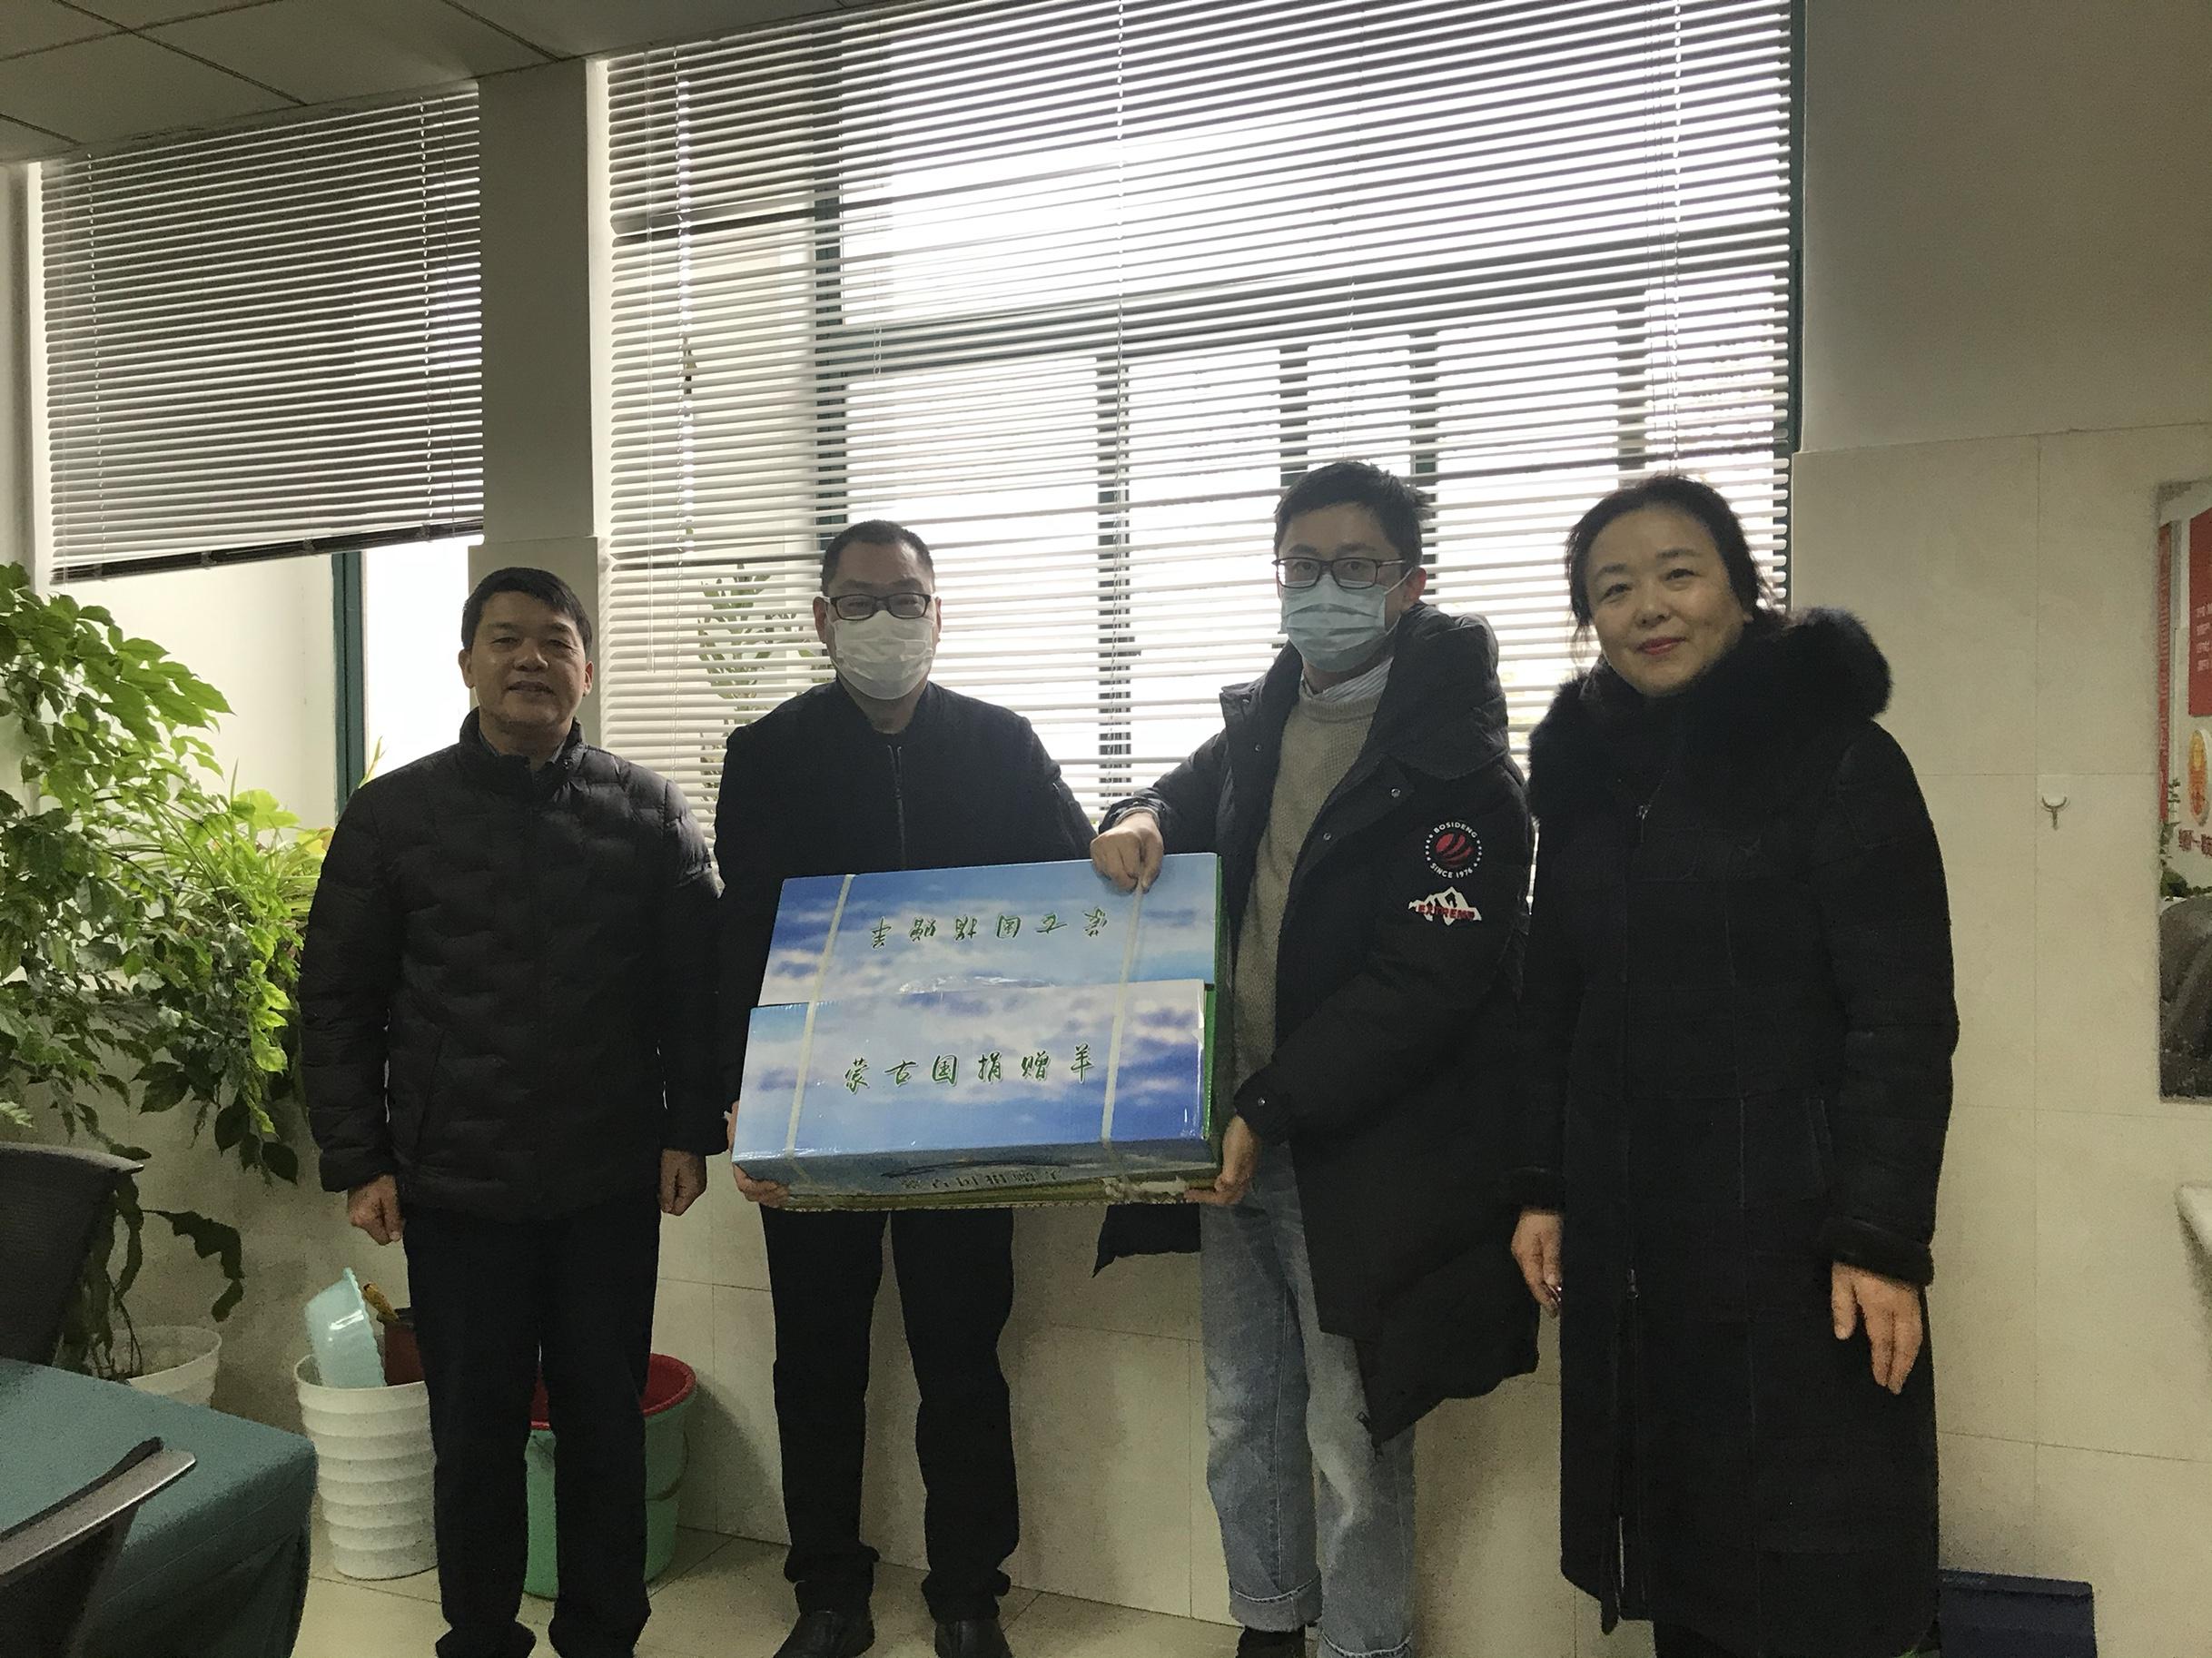 连云港援湖北医疗队员收到特殊礼物——蒙古国捐赠羊